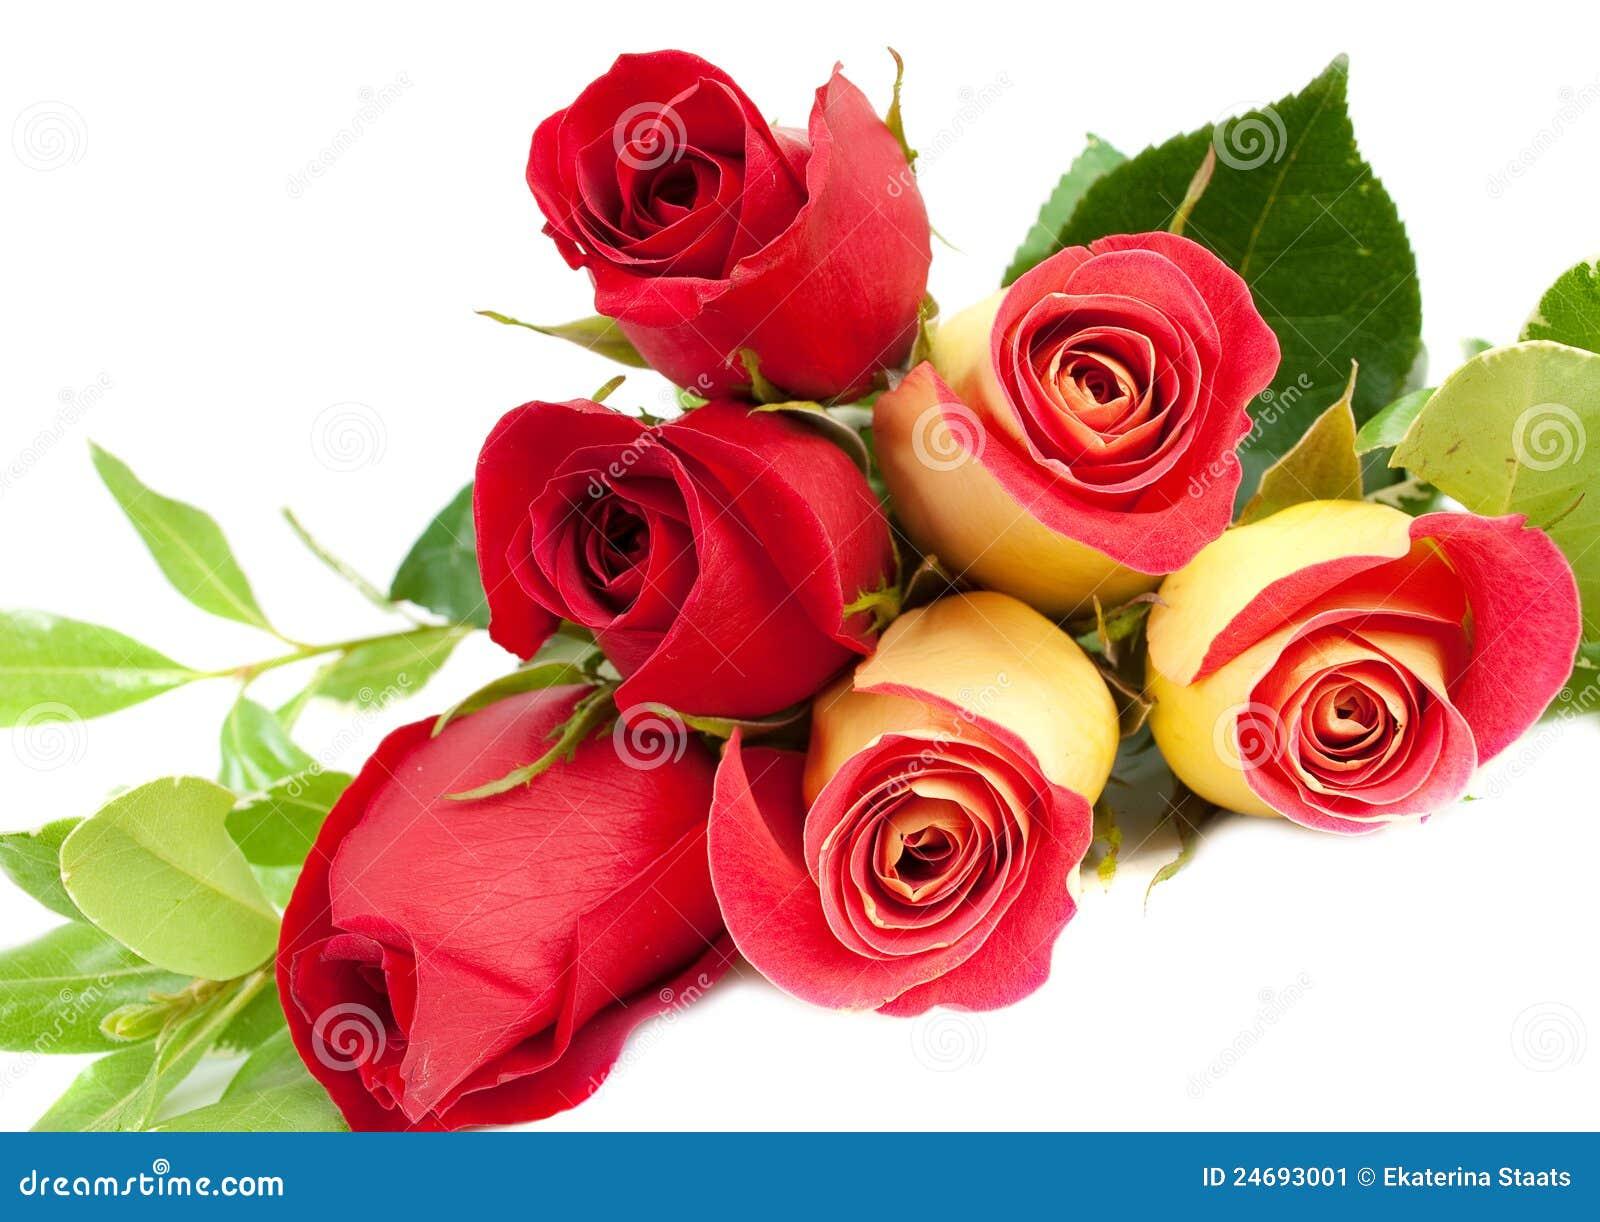 Amarillo Mattress Ramo Amarillo Y Rojo De Las Rosas Imagen De Archivo Imagen 24693001 ...